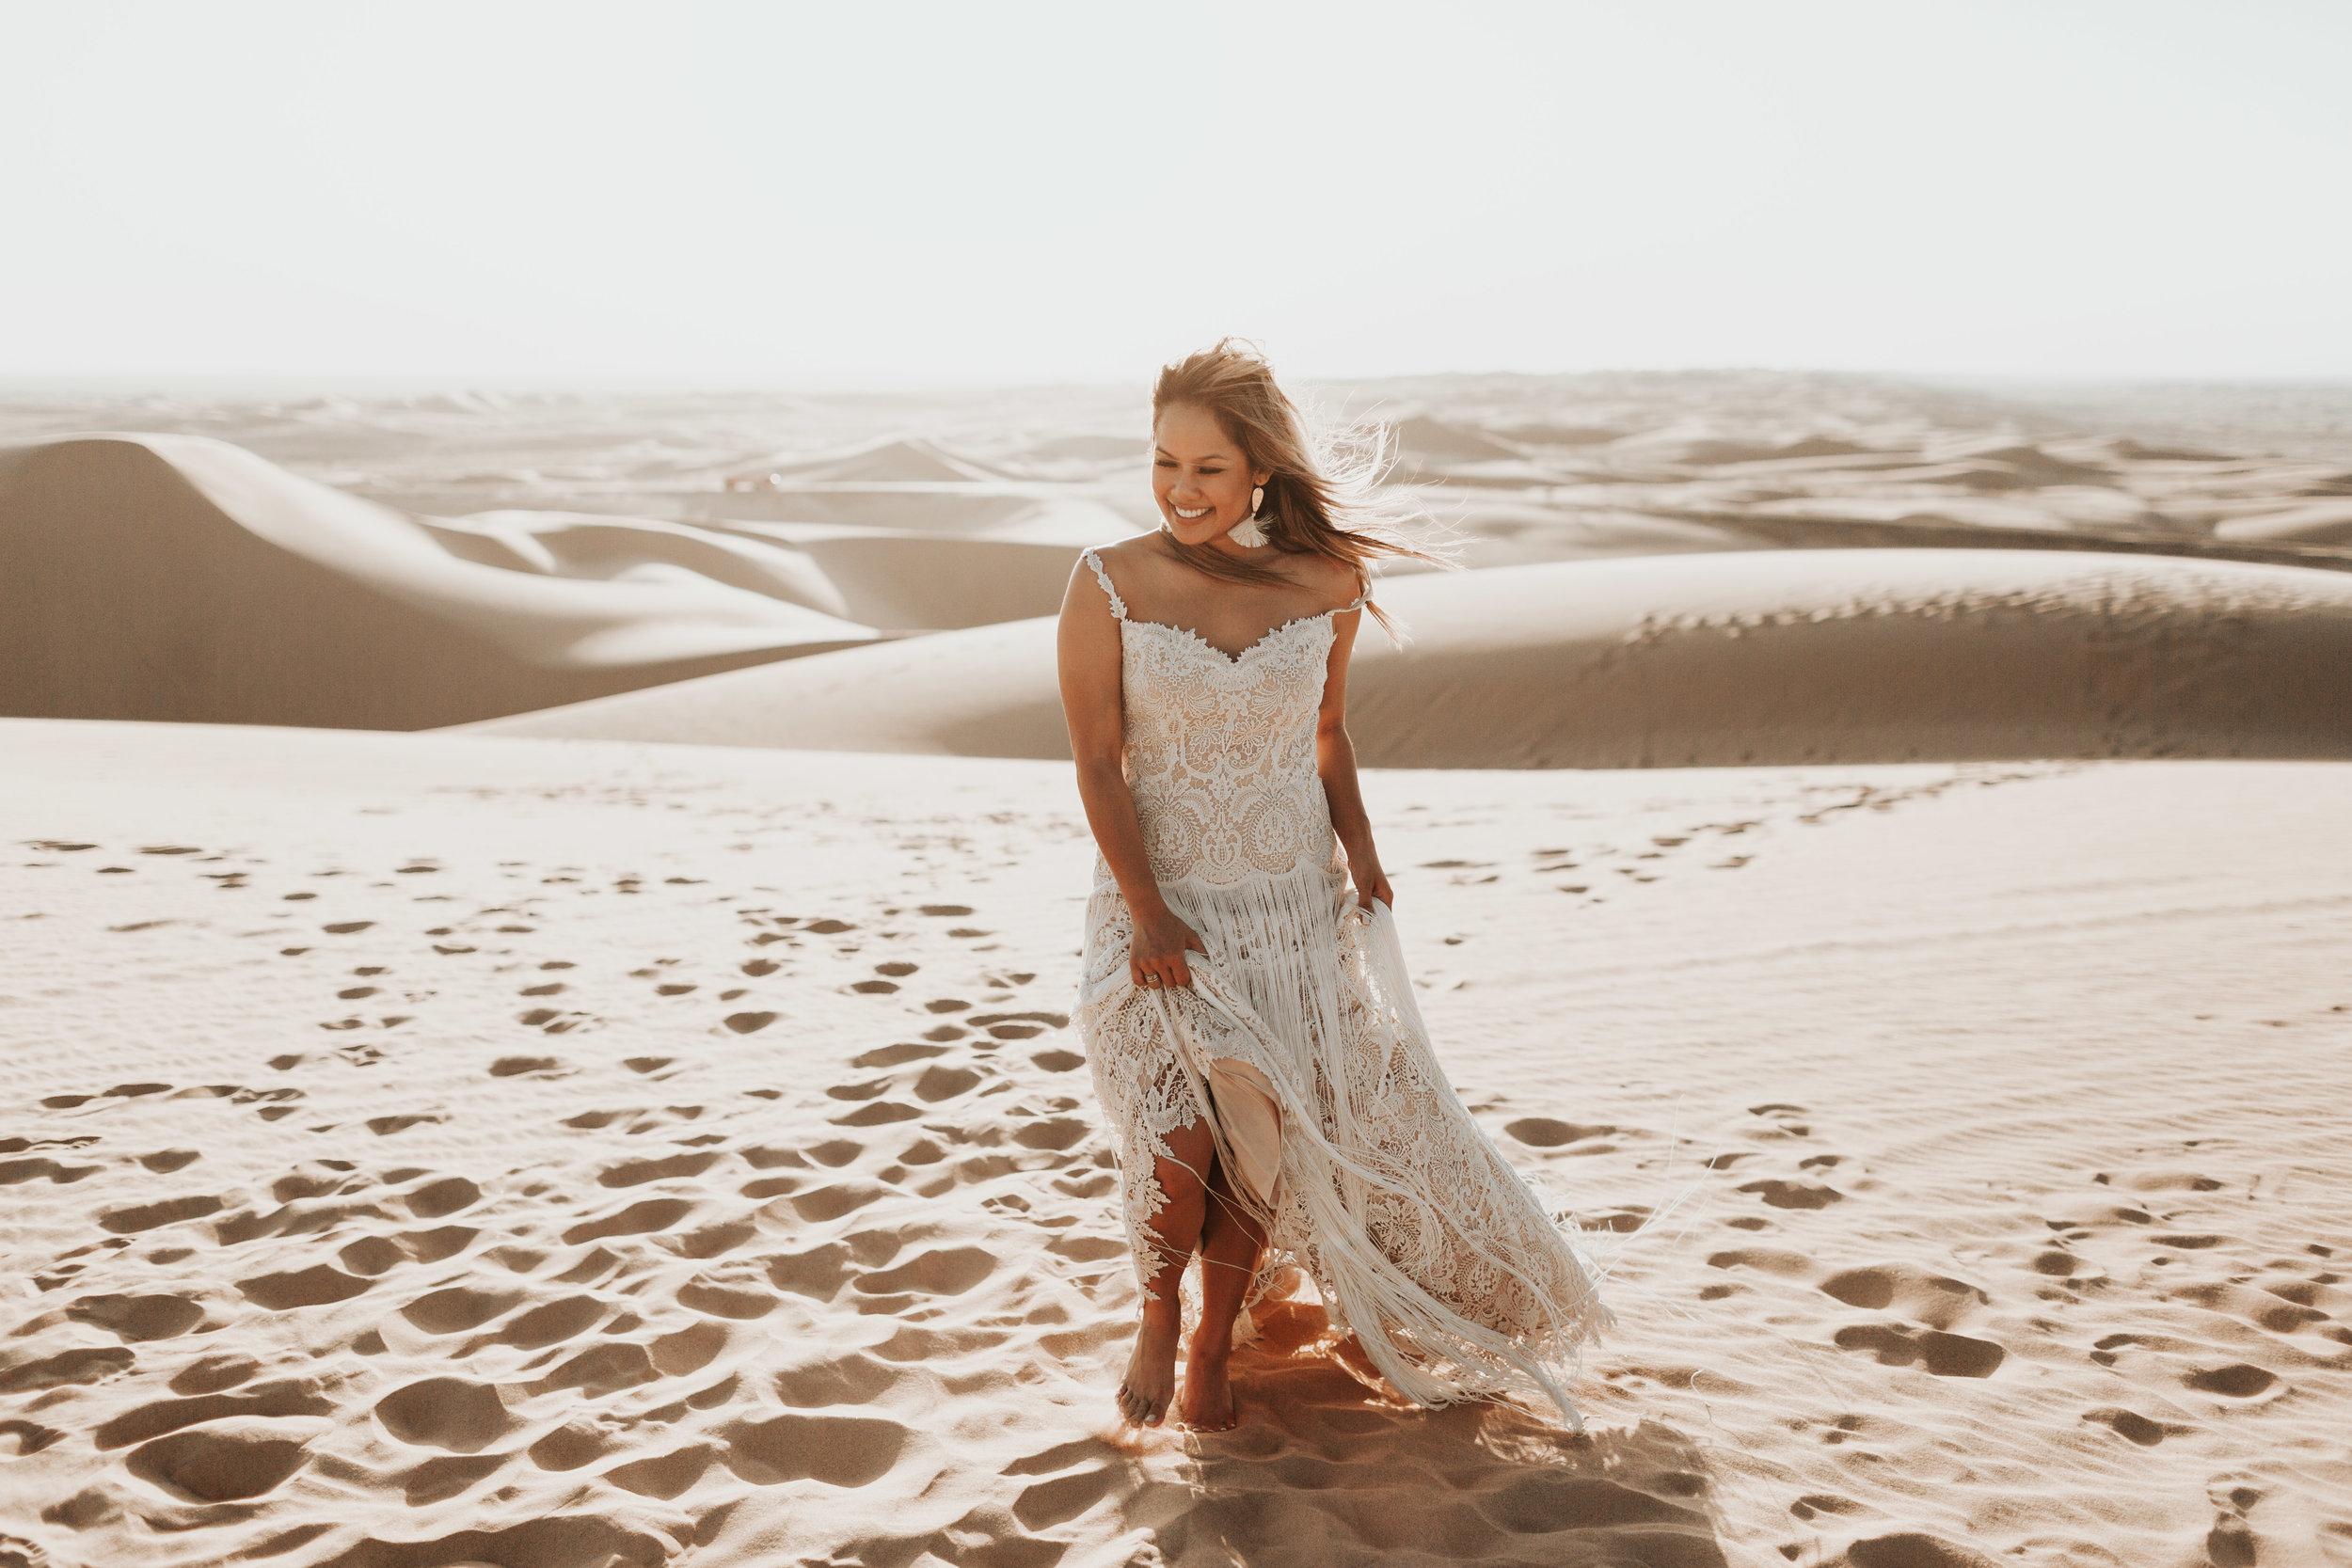 imperial sand dunes destination styled elopement bridal portrait lillian west gown